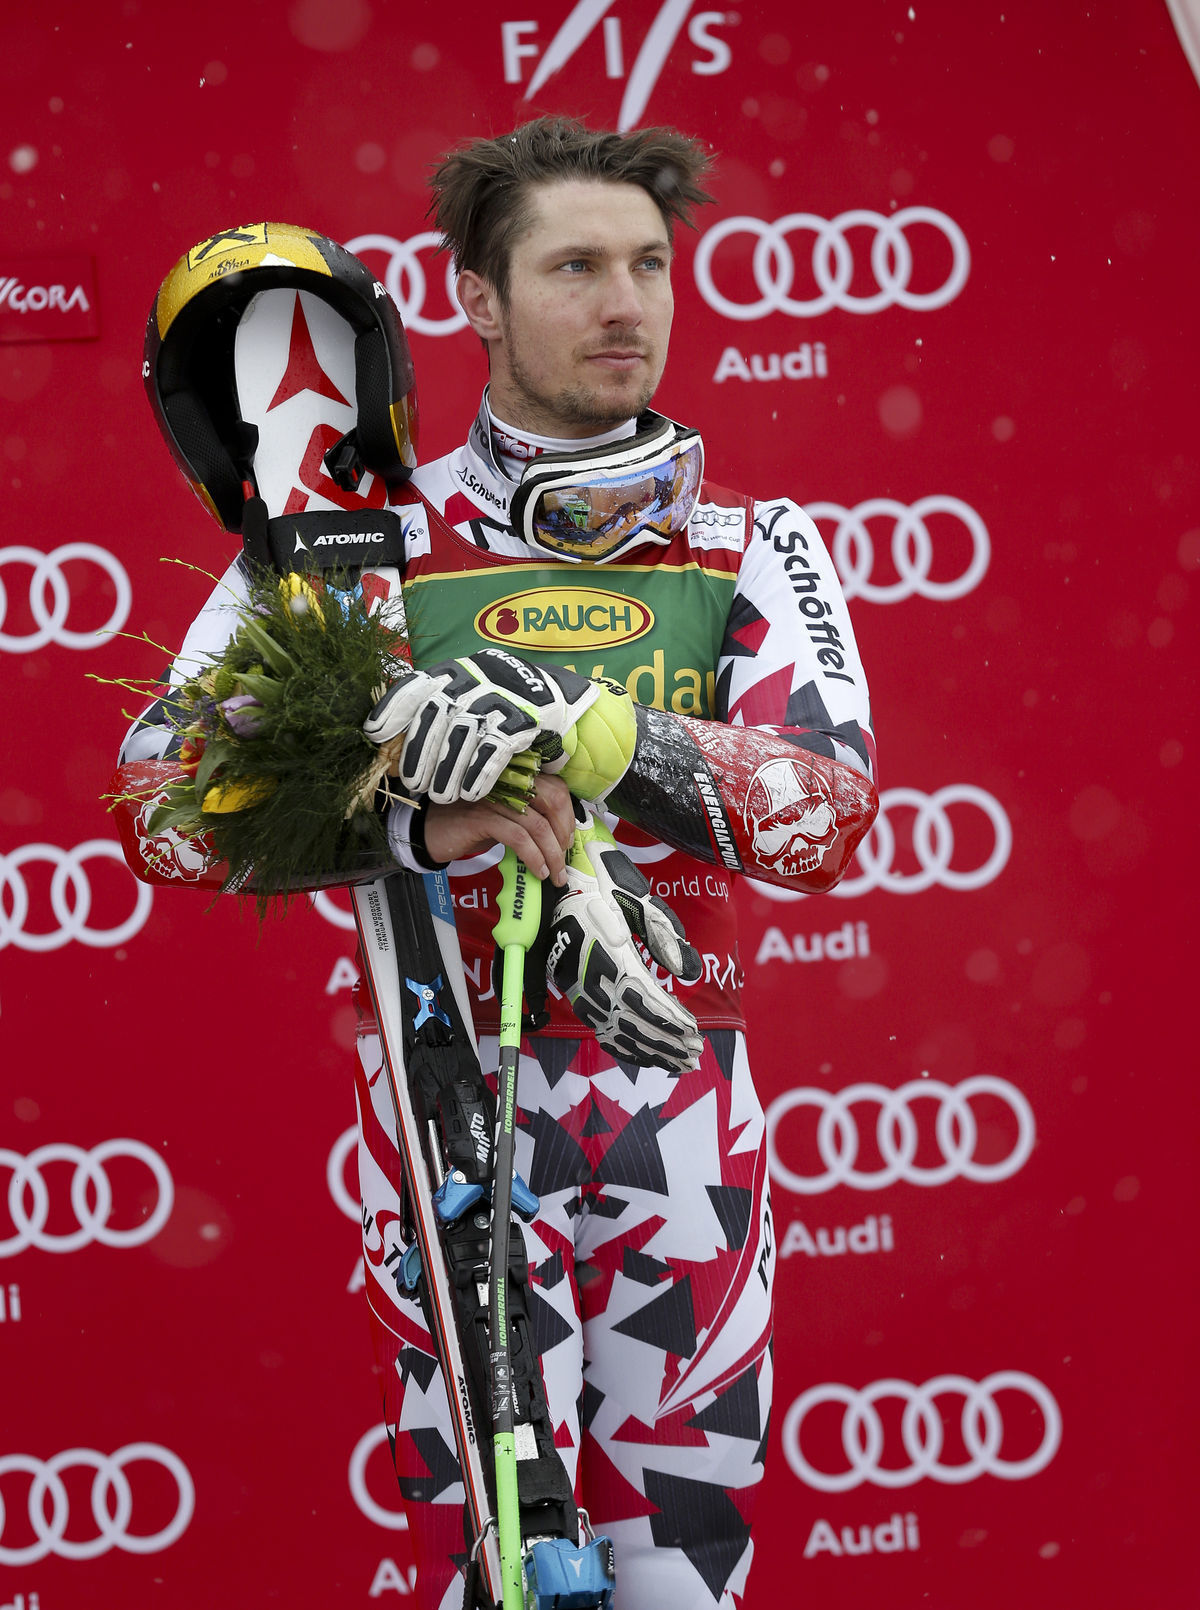 Rakúšan Marcel Hirscher po víťazstve v obrovskom slalome v Kranjskej Gore.